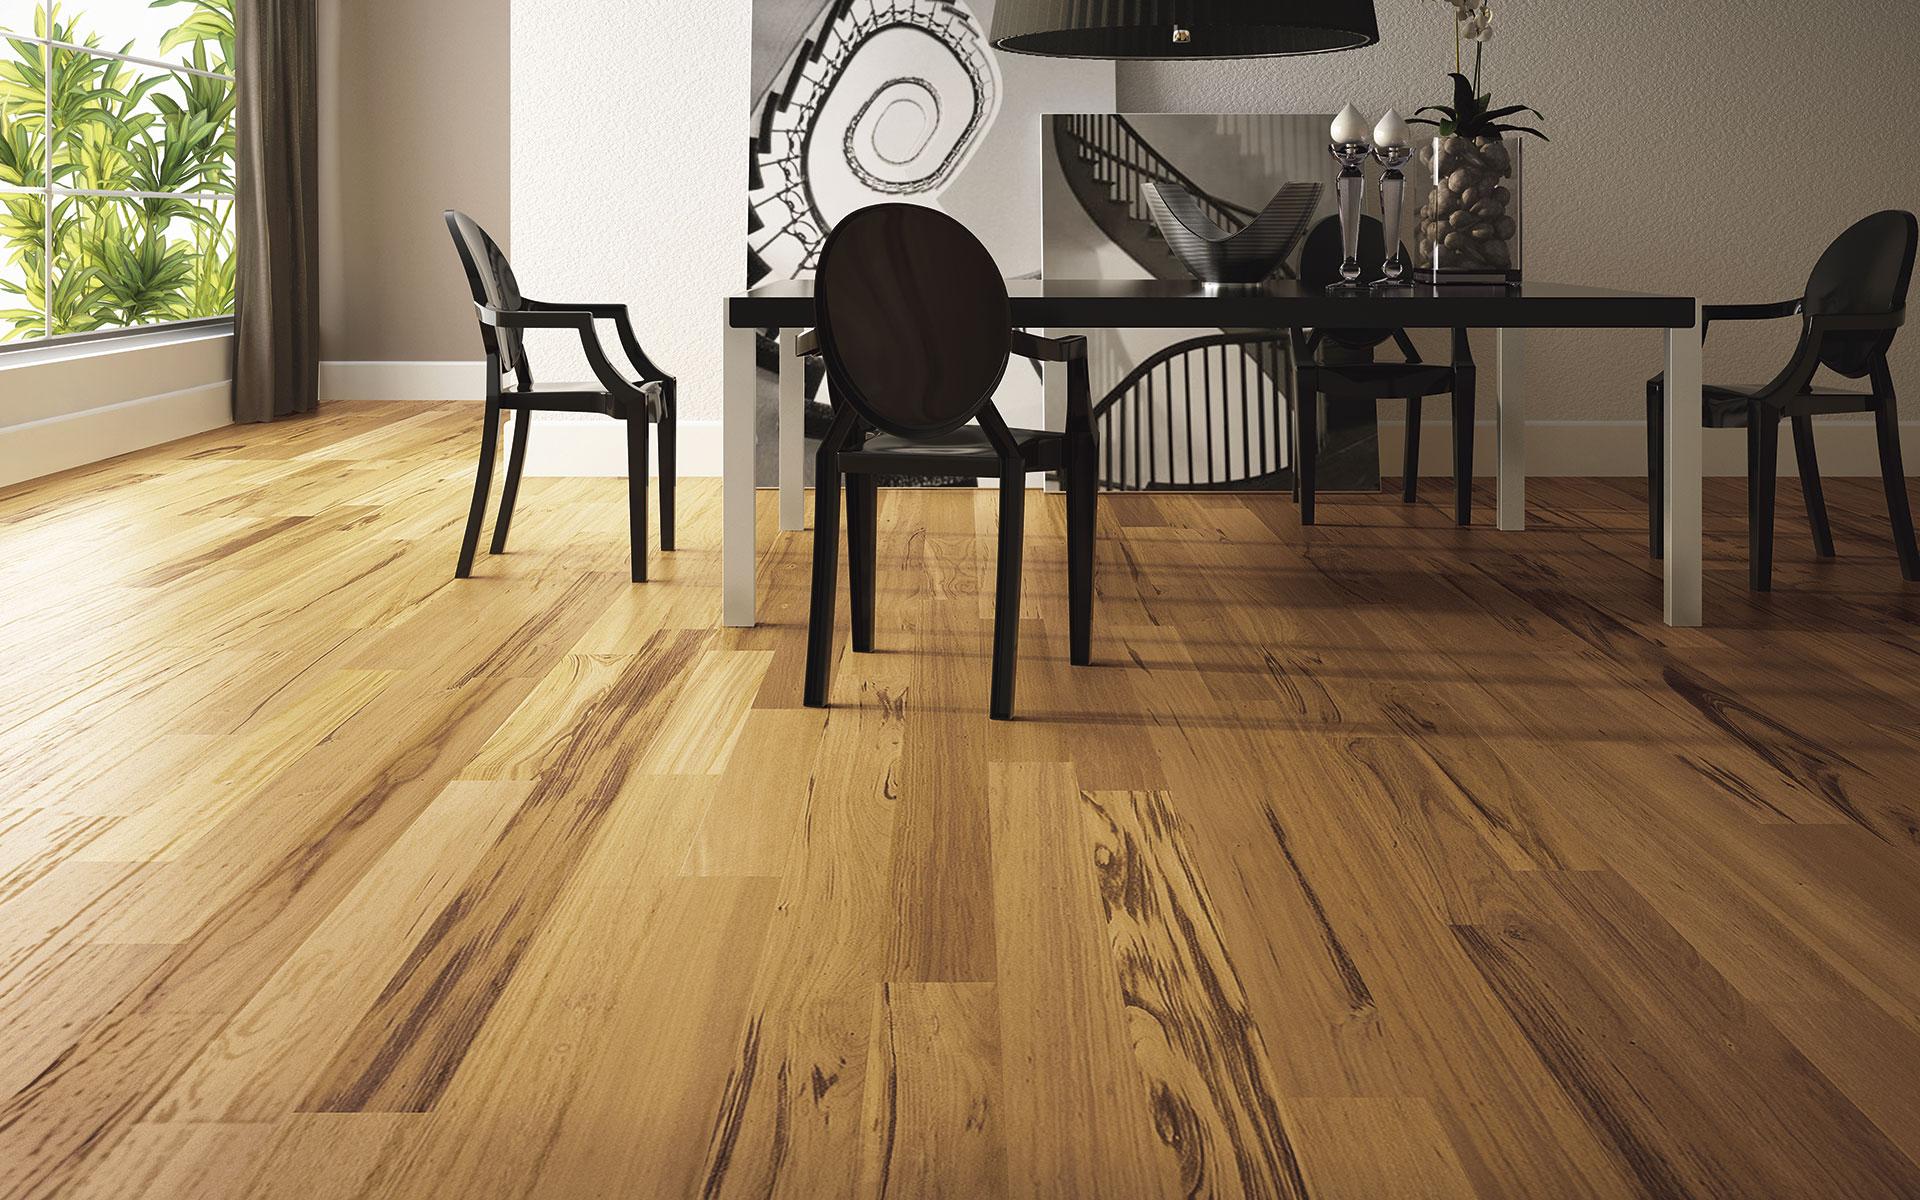 modelos-de-decoracao-com-piso-de-madeira